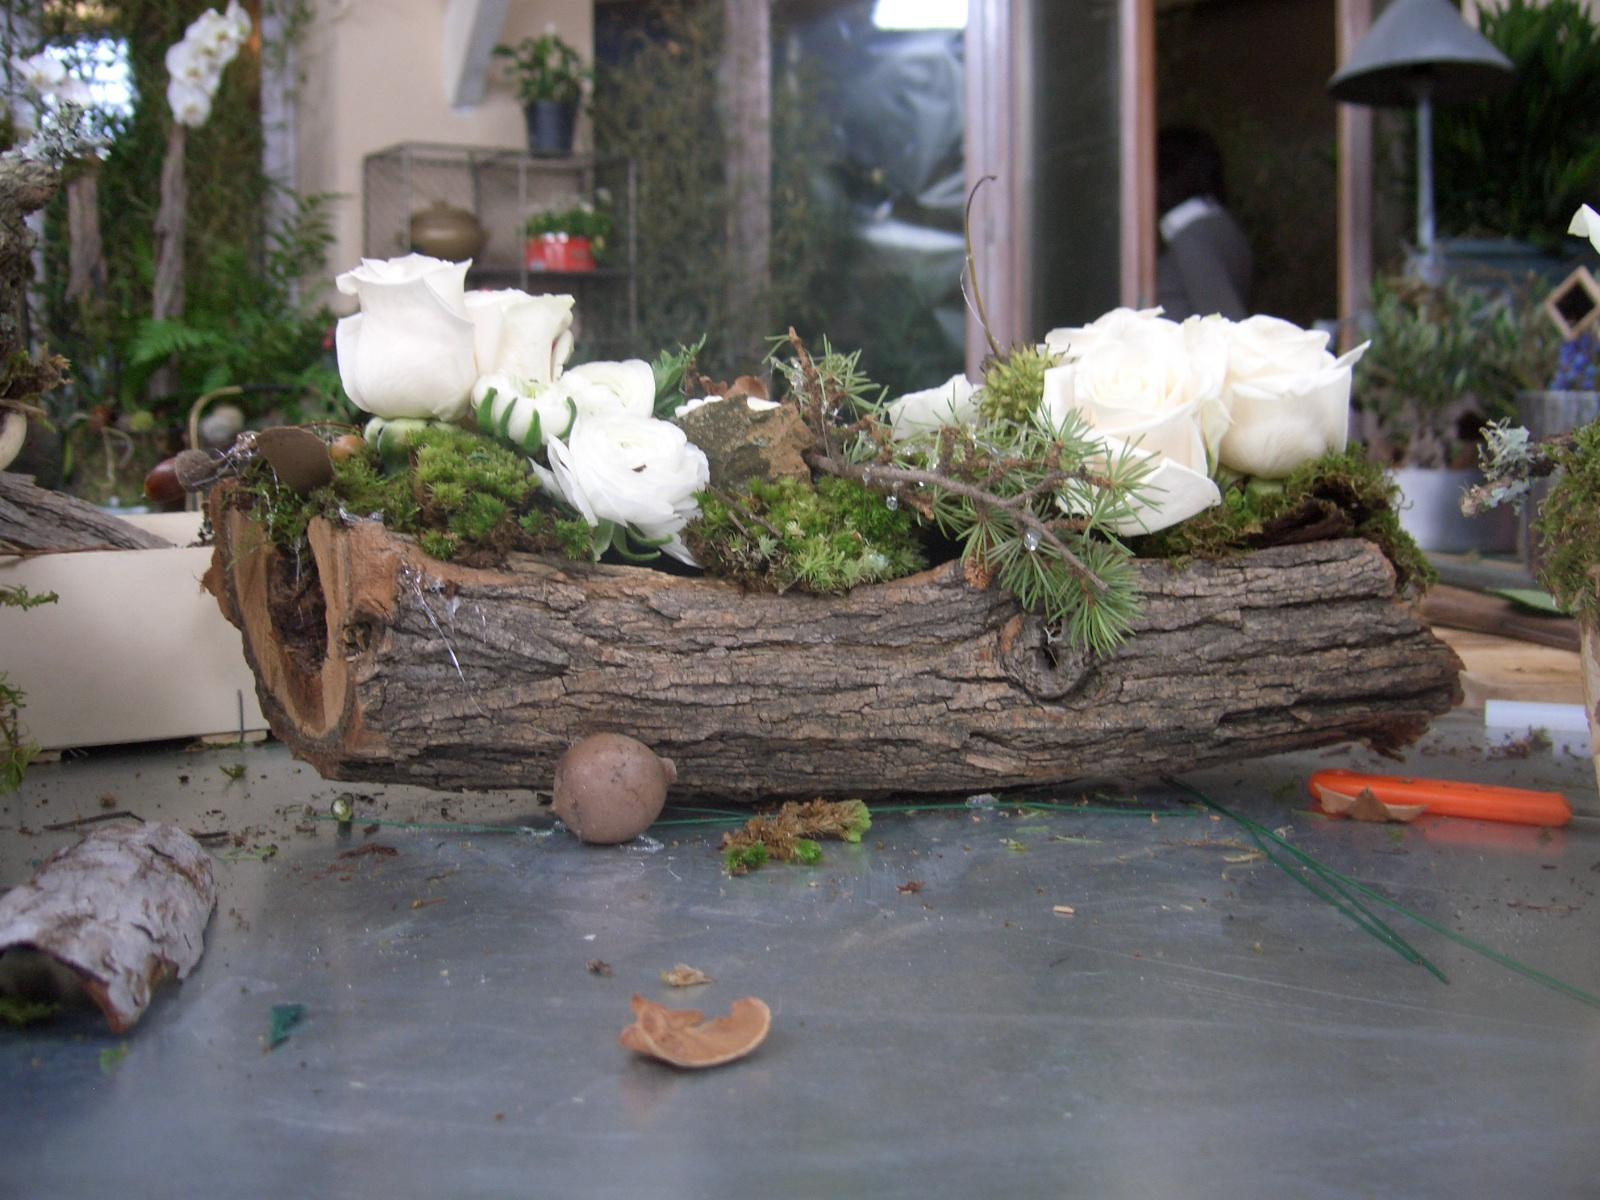 Les fees nature tournage c t maison france3 ambiance for Composition florale exterieur hiver